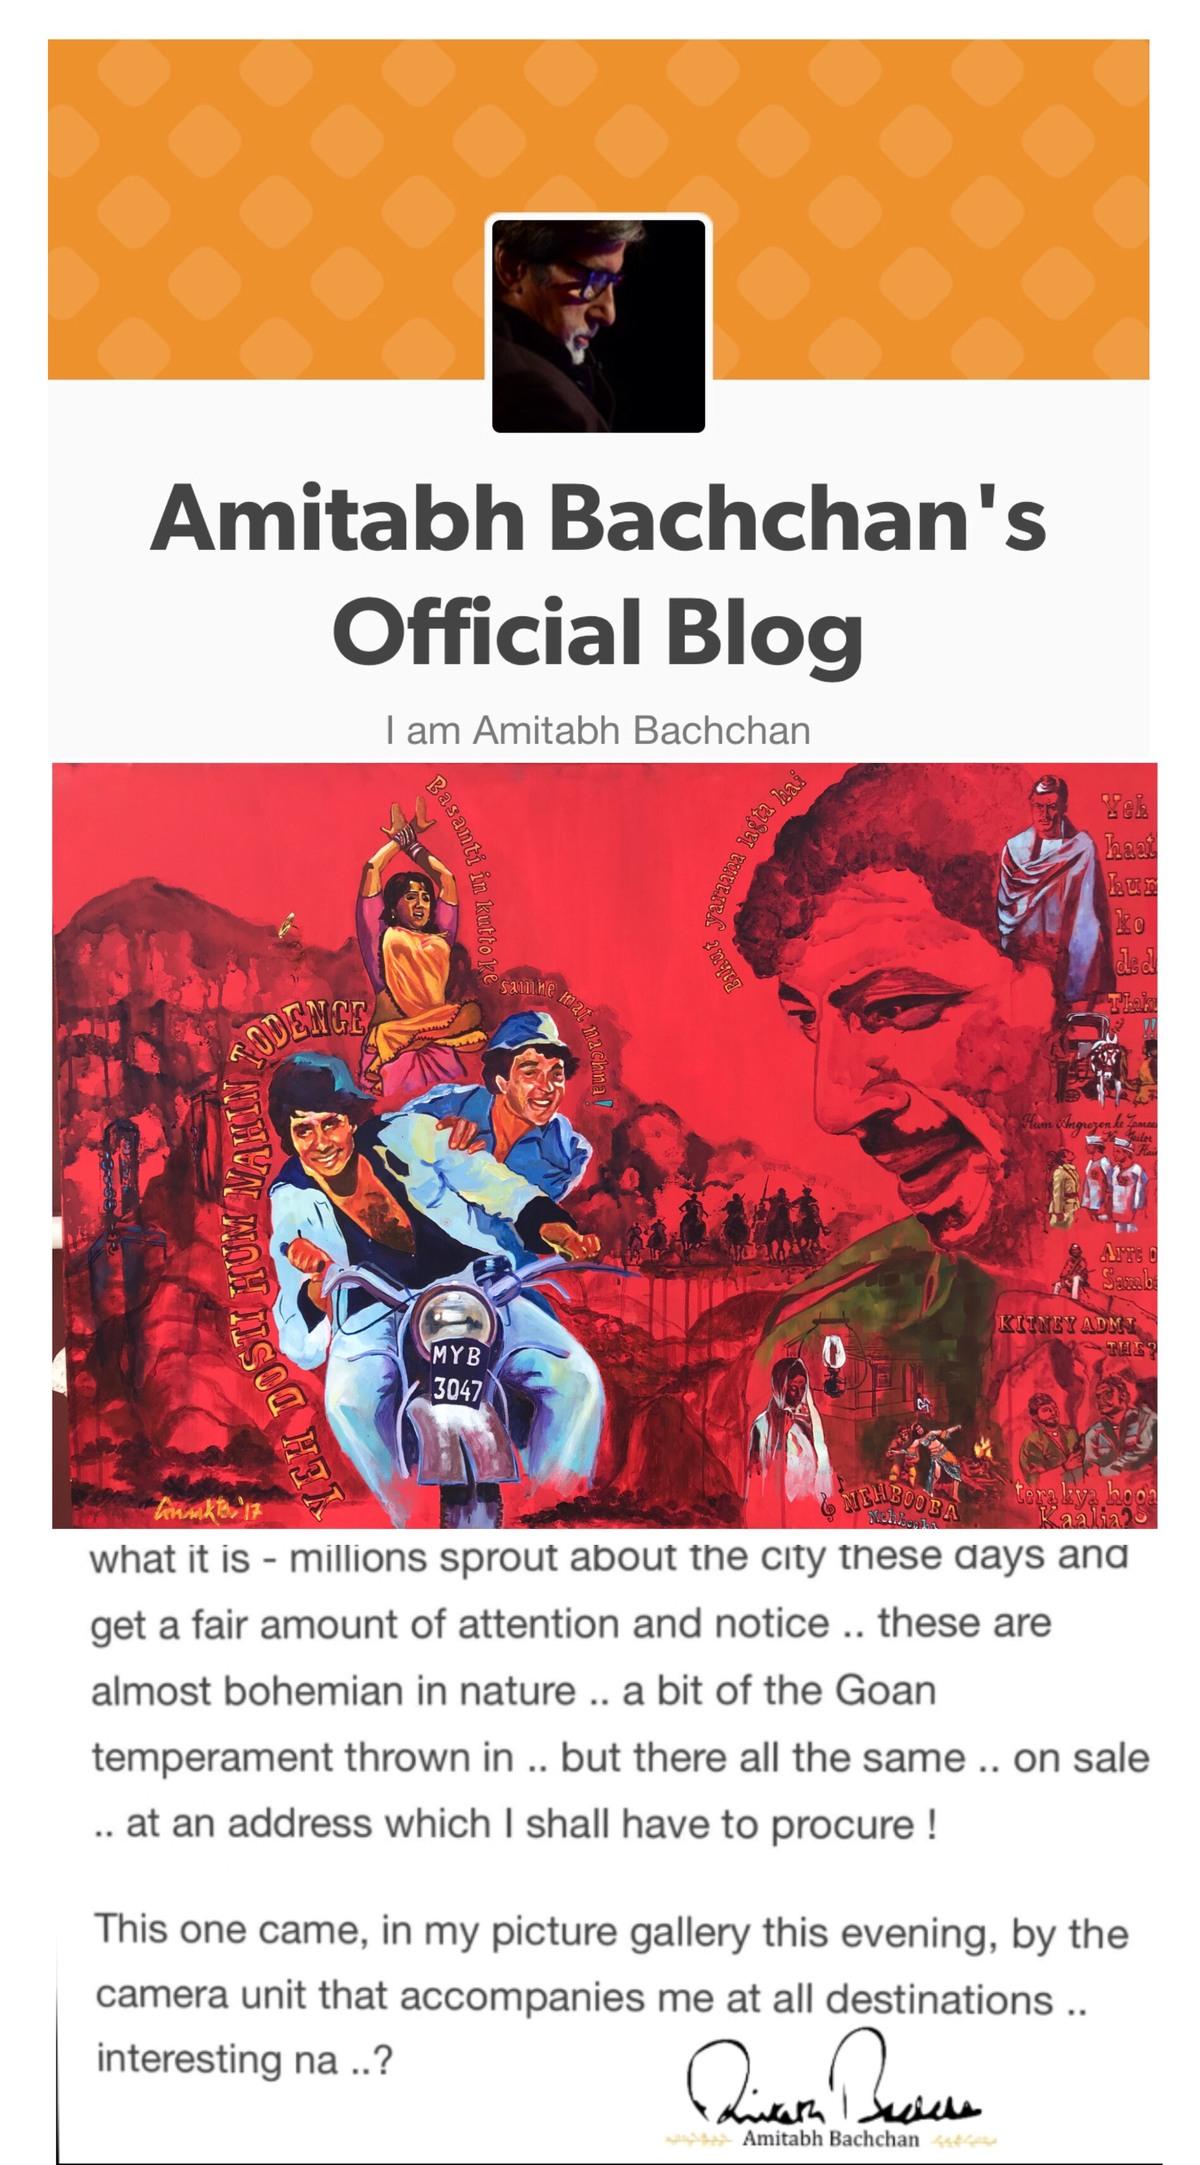 Amitabh bachchan officlblog post 200218